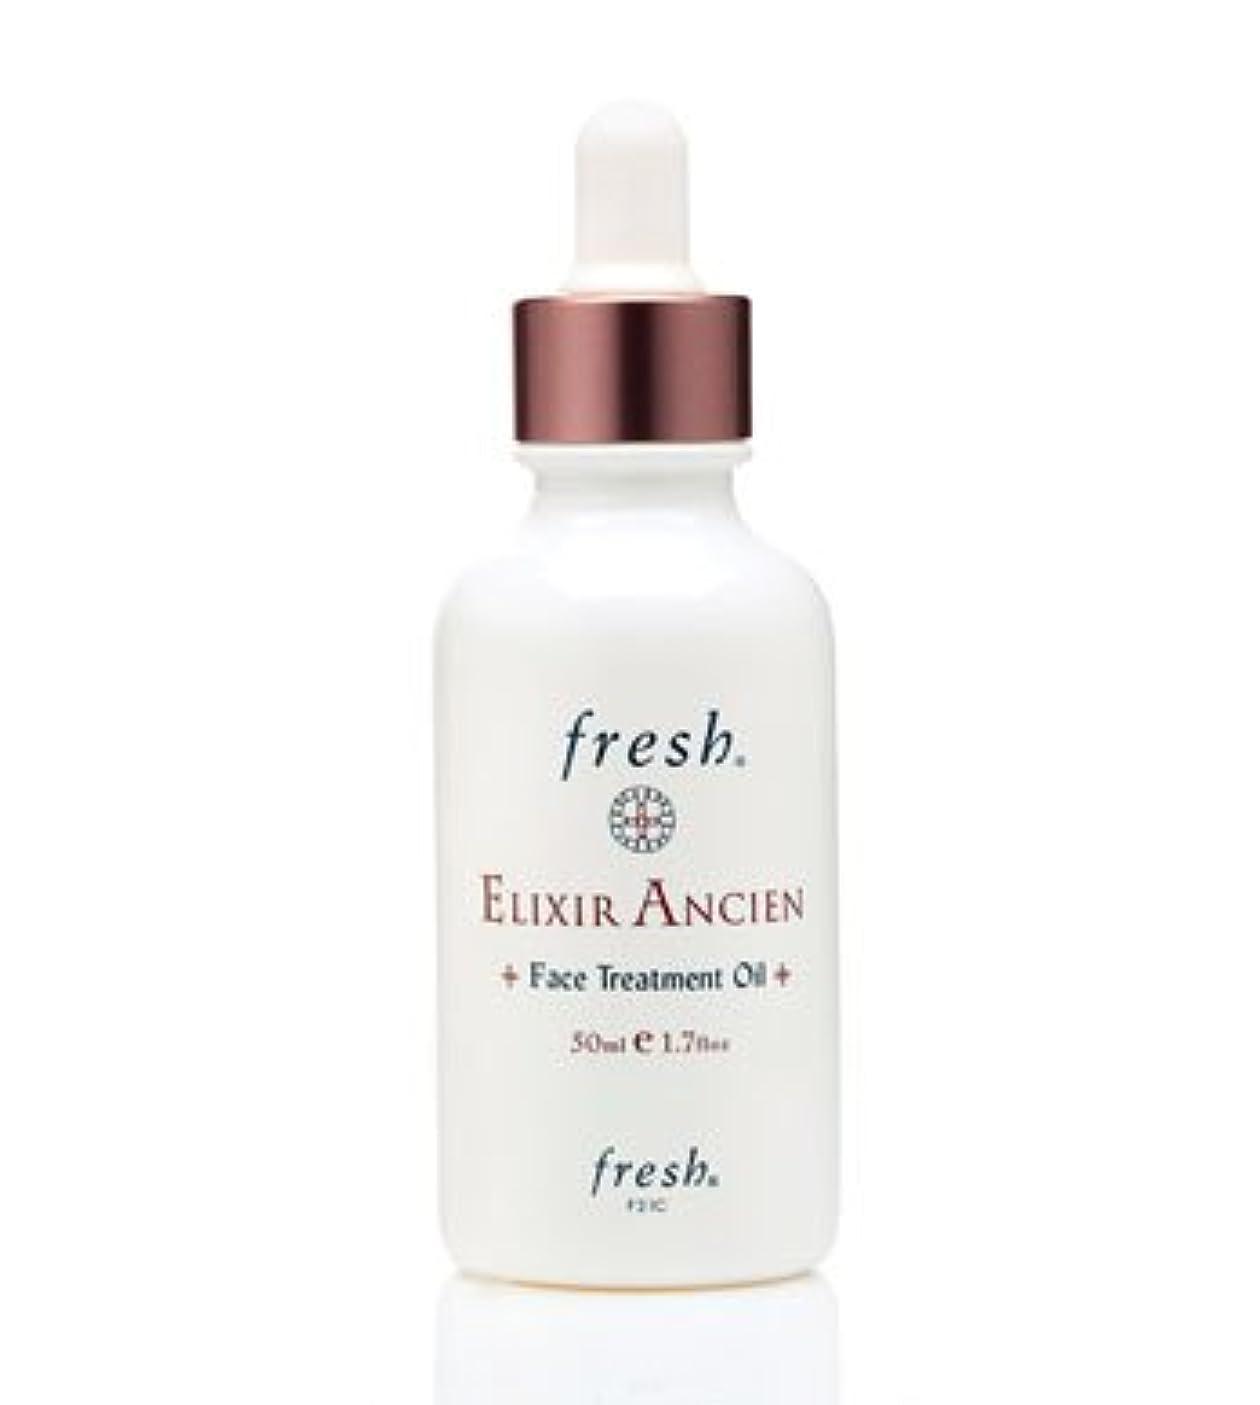 セミナー汗繕うFresh ELIXIR ANCIEN (フレッシュ エリキサーアンシエン) 1.7 oz (50ml) by Fresh for Women